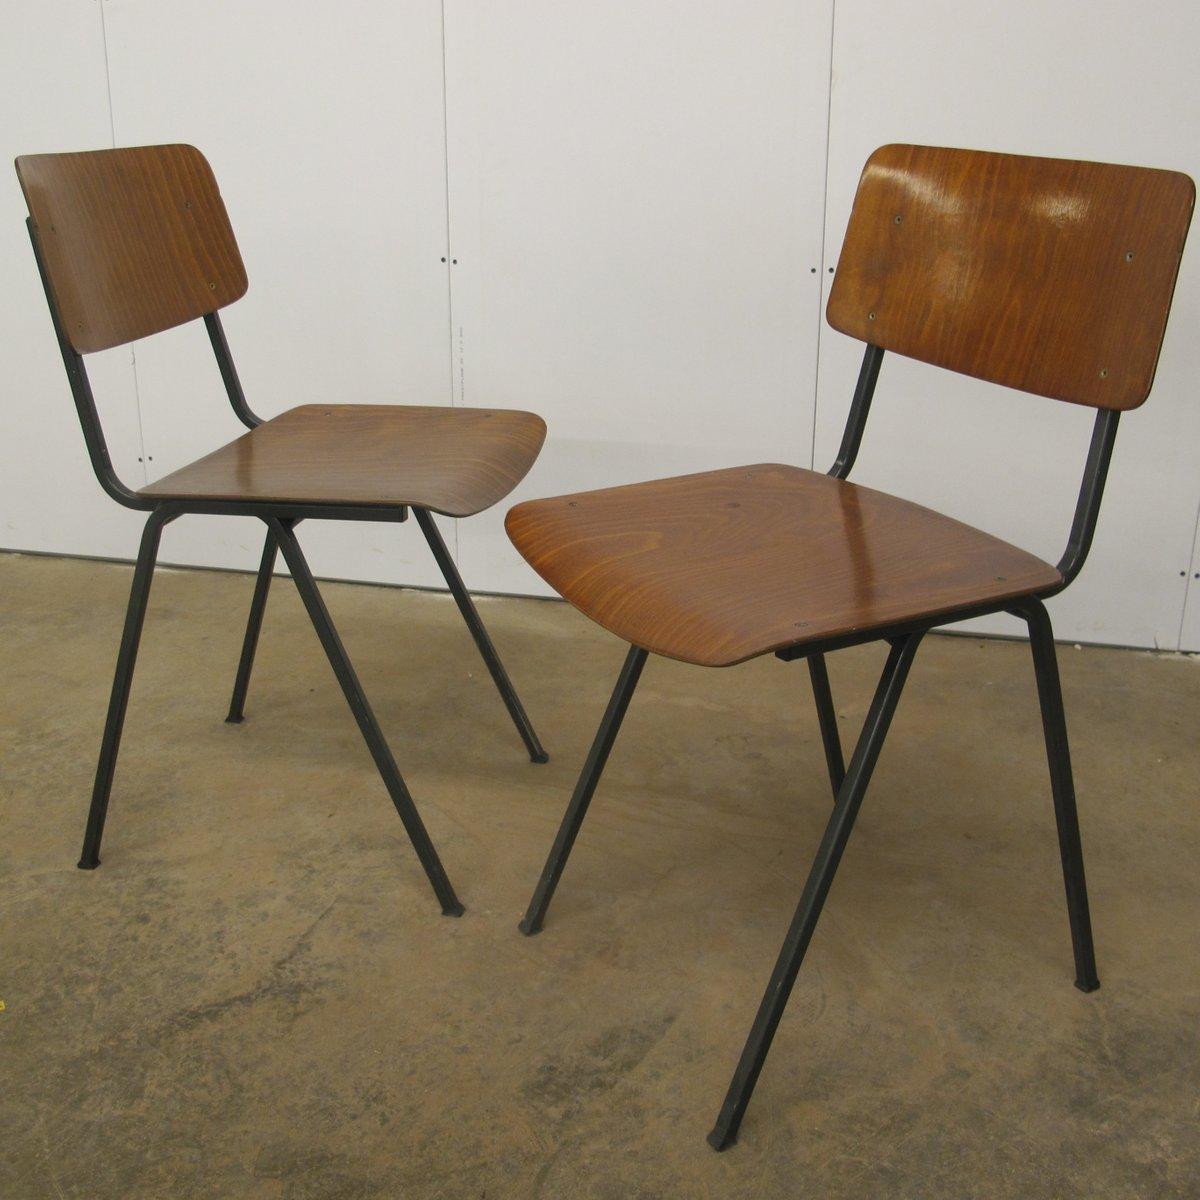 vintage st hle aus schichtholz stahl von marko 1960er. Black Bedroom Furniture Sets. Home Design Ideas